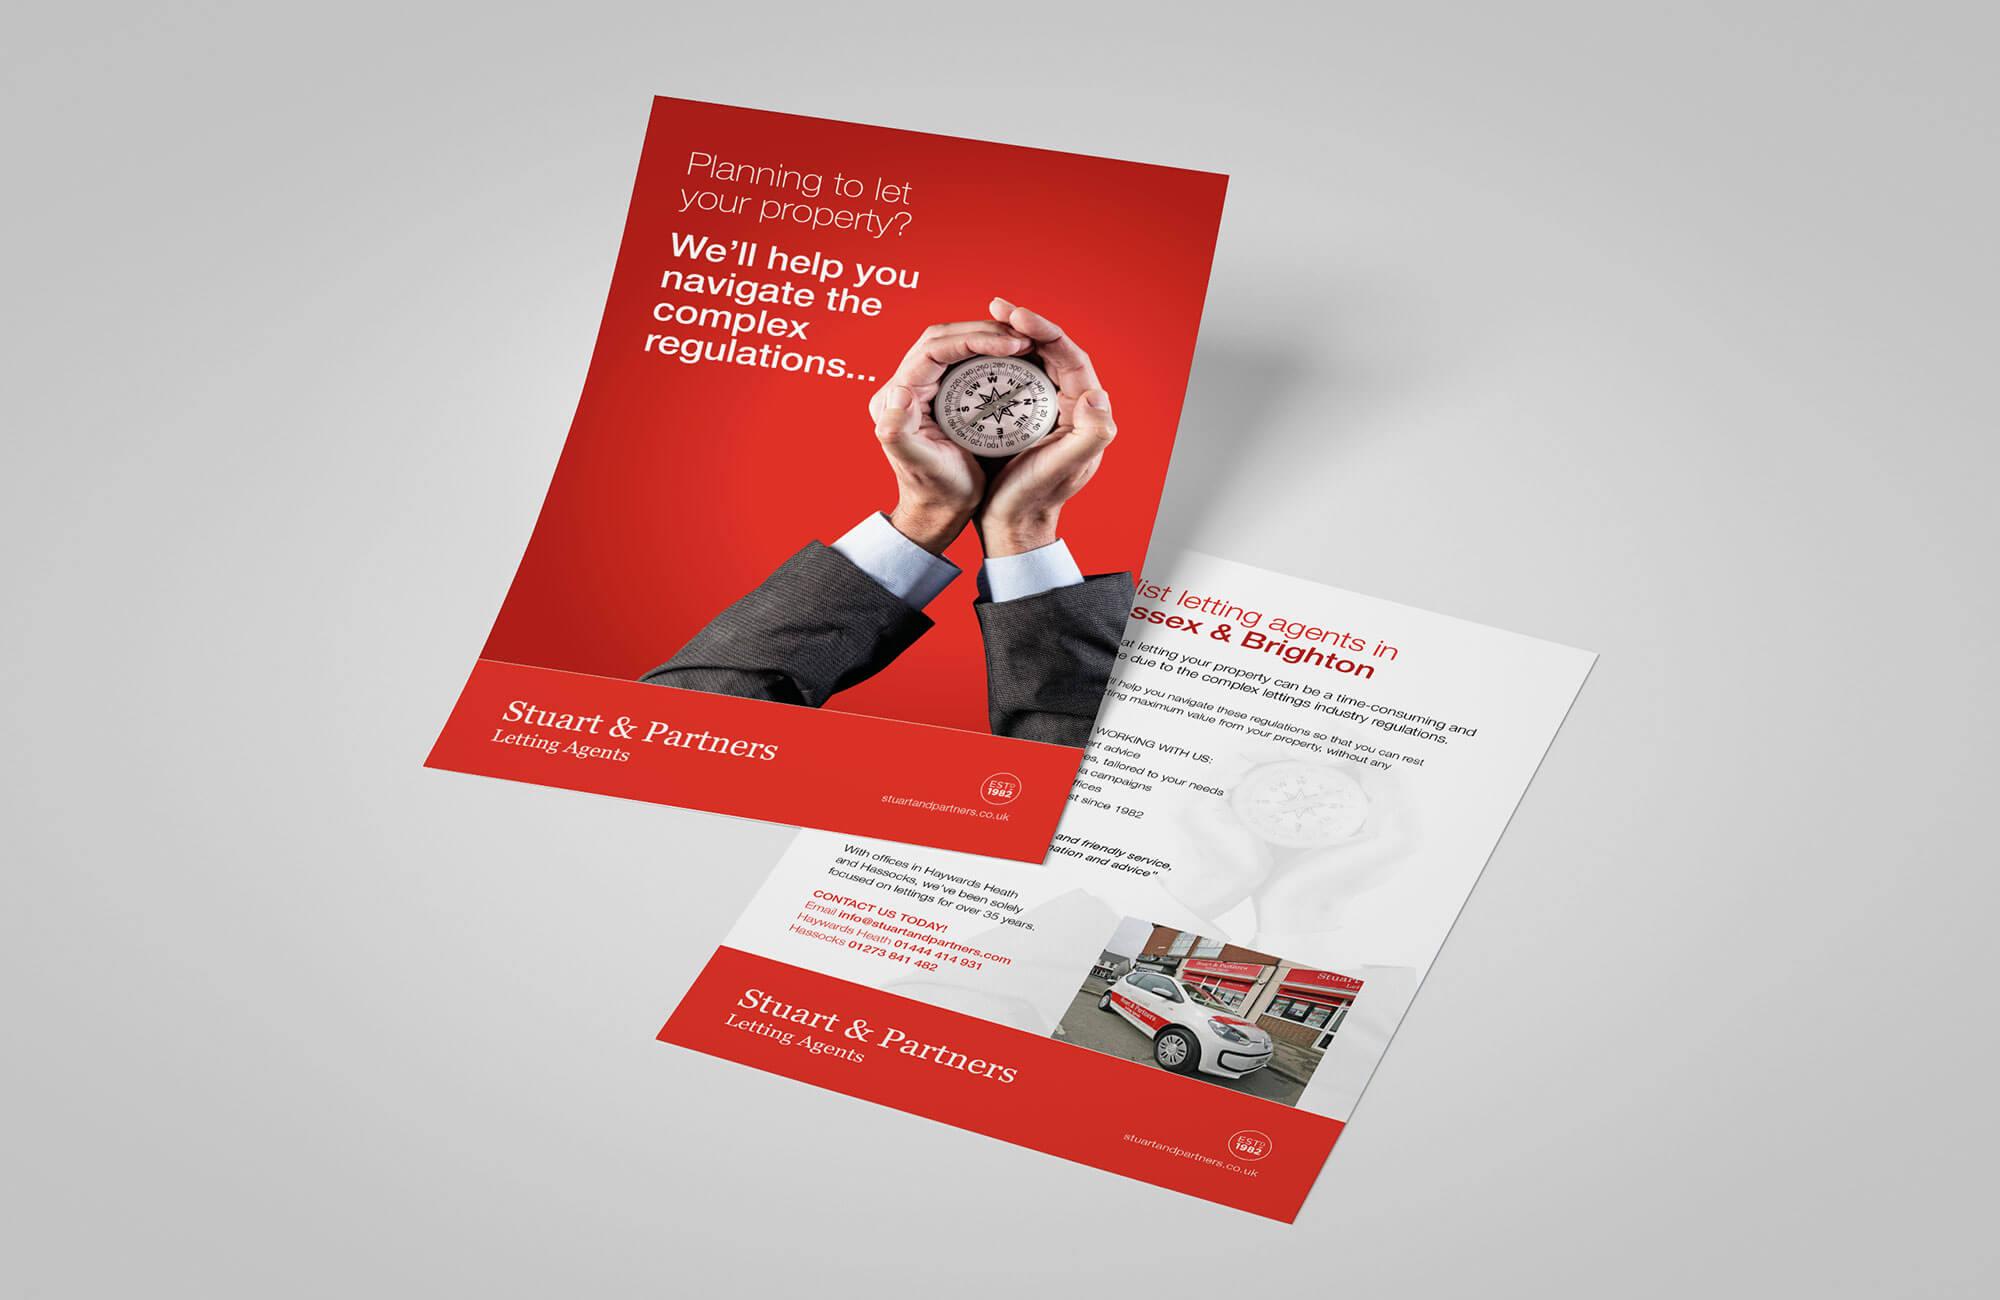 Stuart & Partners Promotional Flyer Design Concept